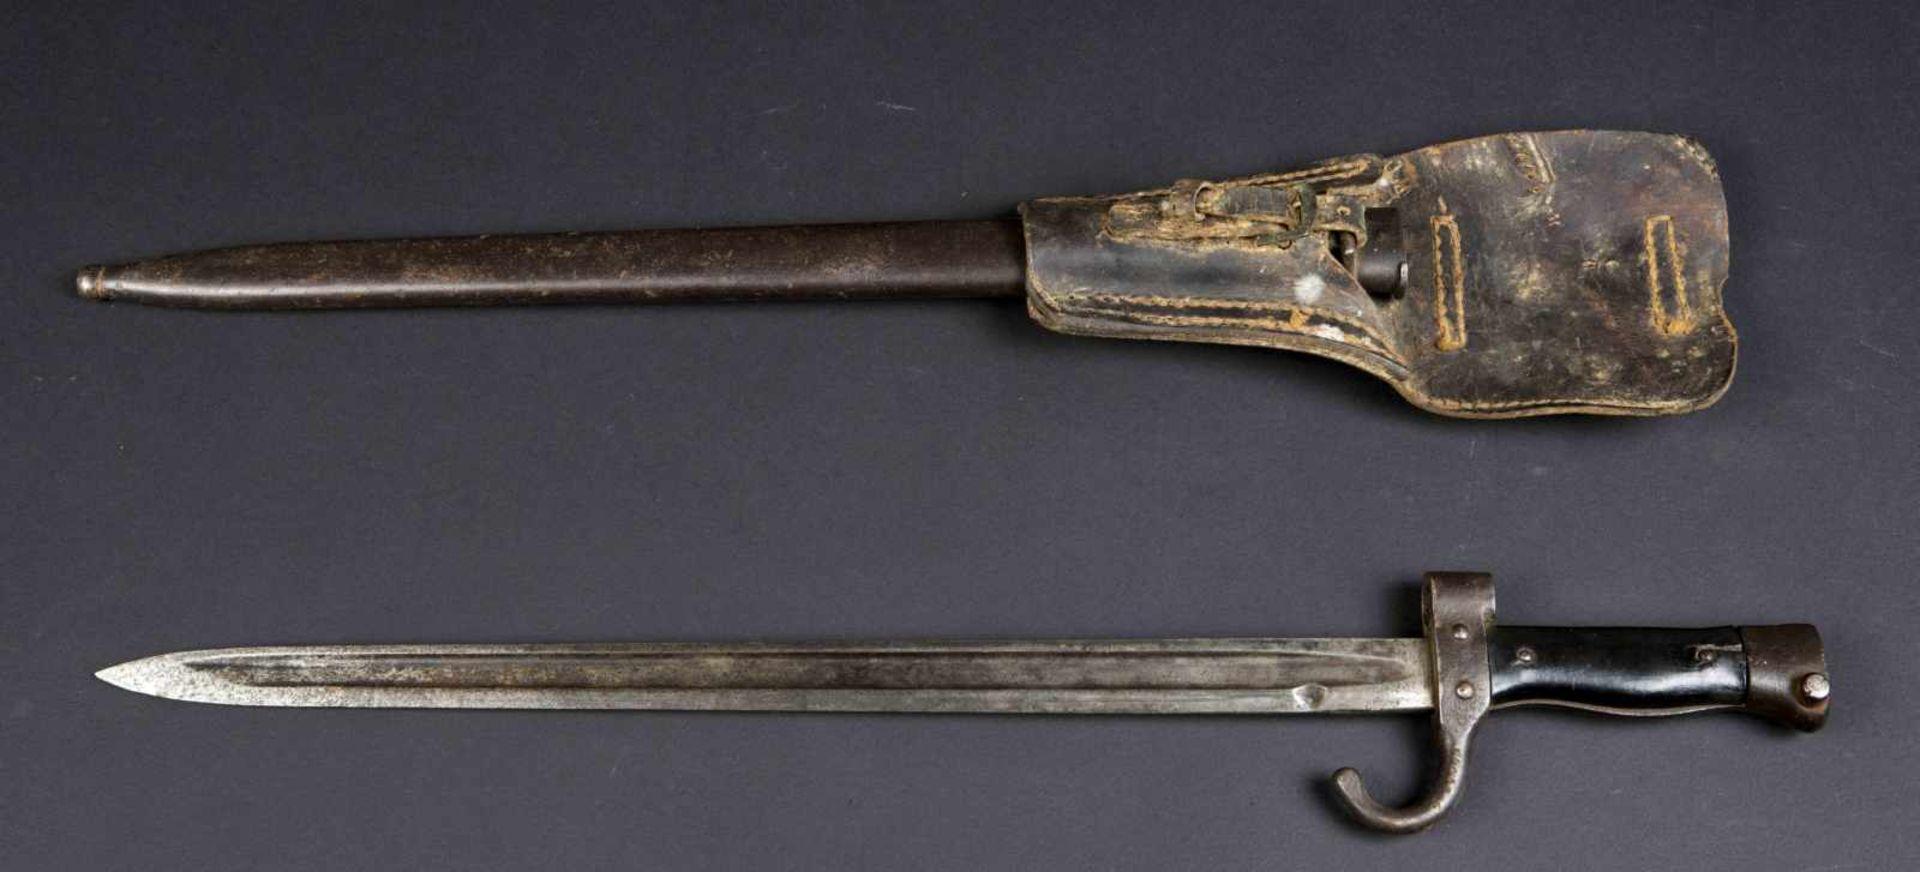 Lot de deux baïonnettes, modèle 1892 et modèle 1892/1915 pour mousqueton (état moyen). Porte-épées - Bild 2 aus 4